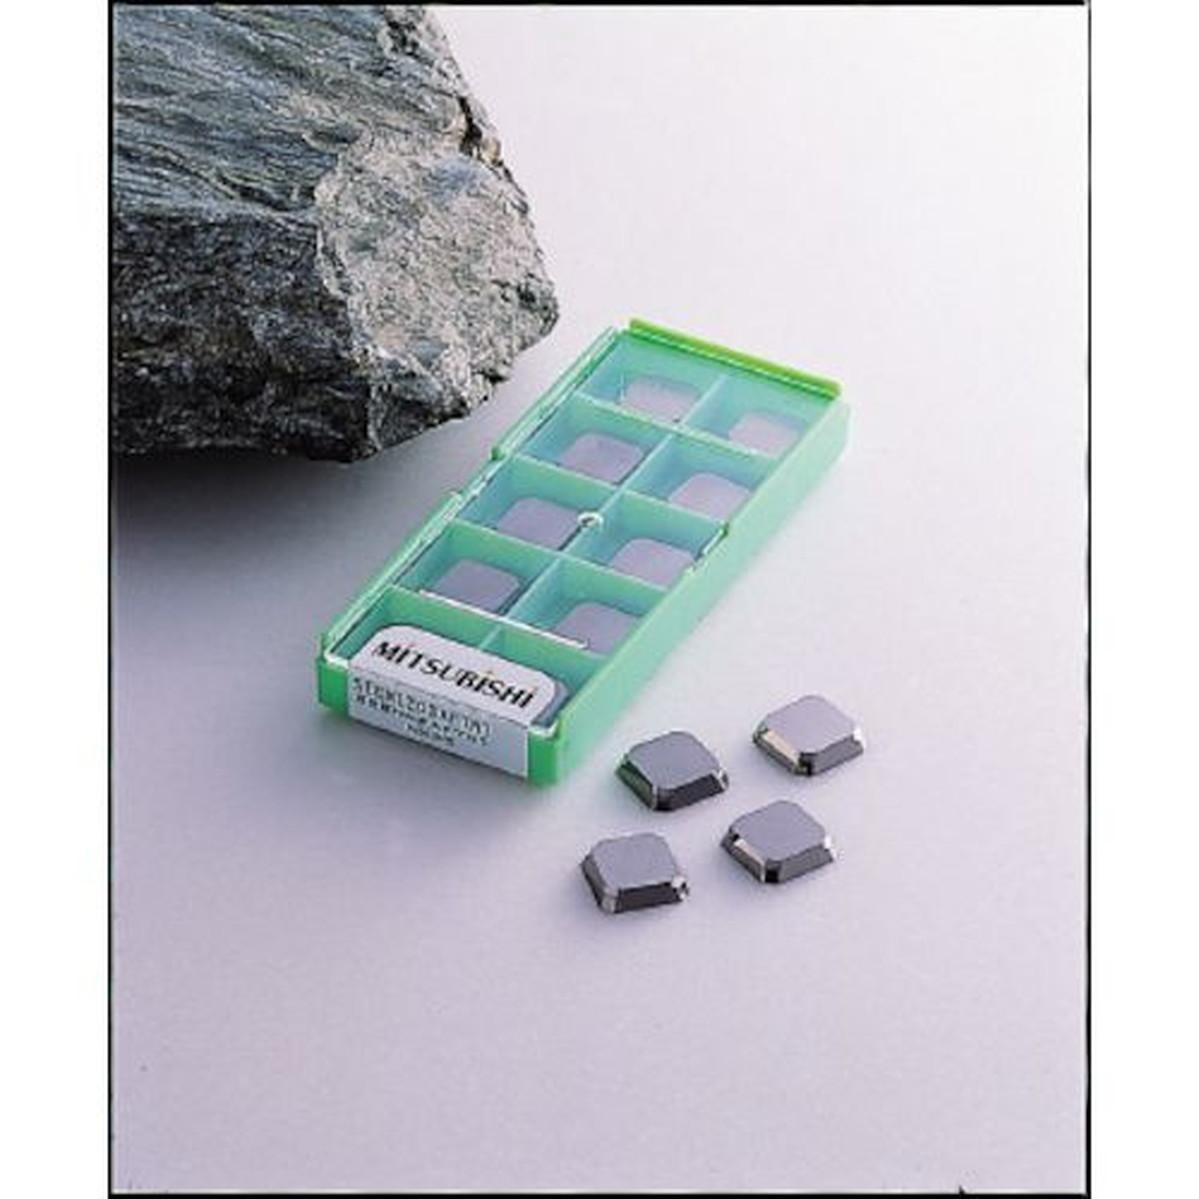 公式 超人気 専門店 あす楽対応 DIY用品 三菱 NX4545 フライスチップ 10個